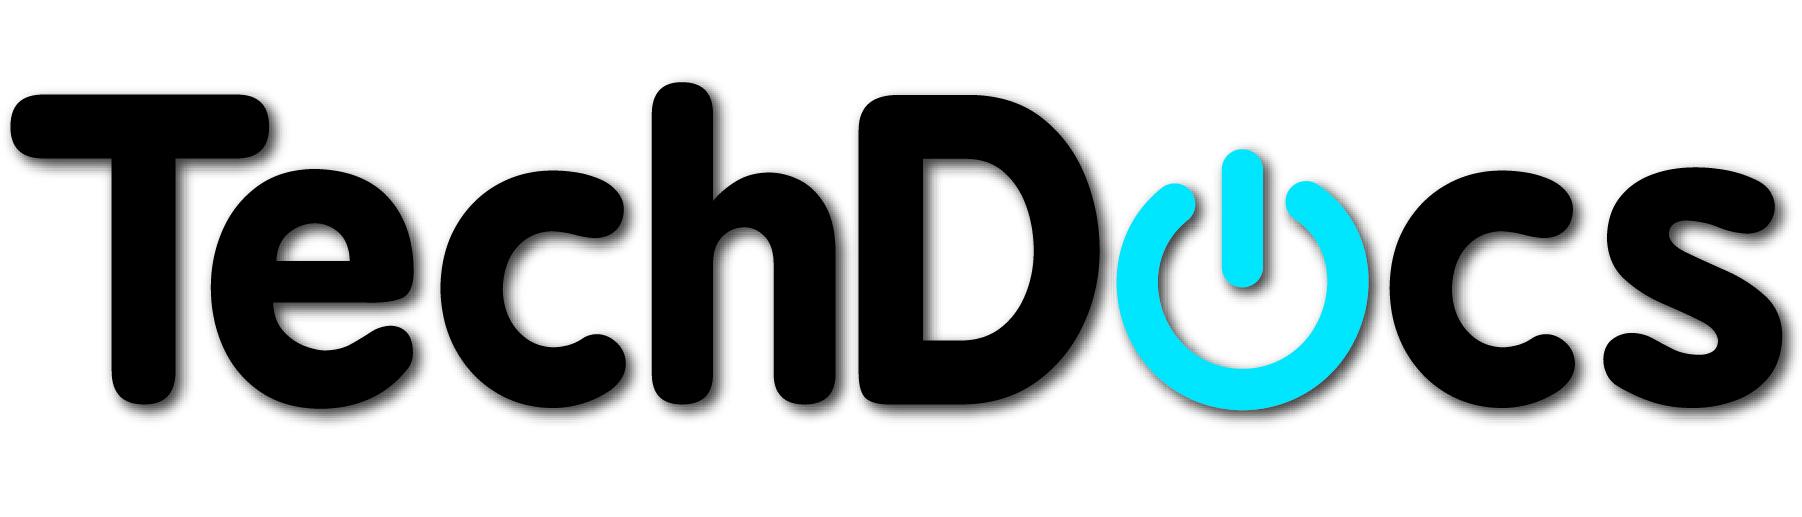 TechDocs